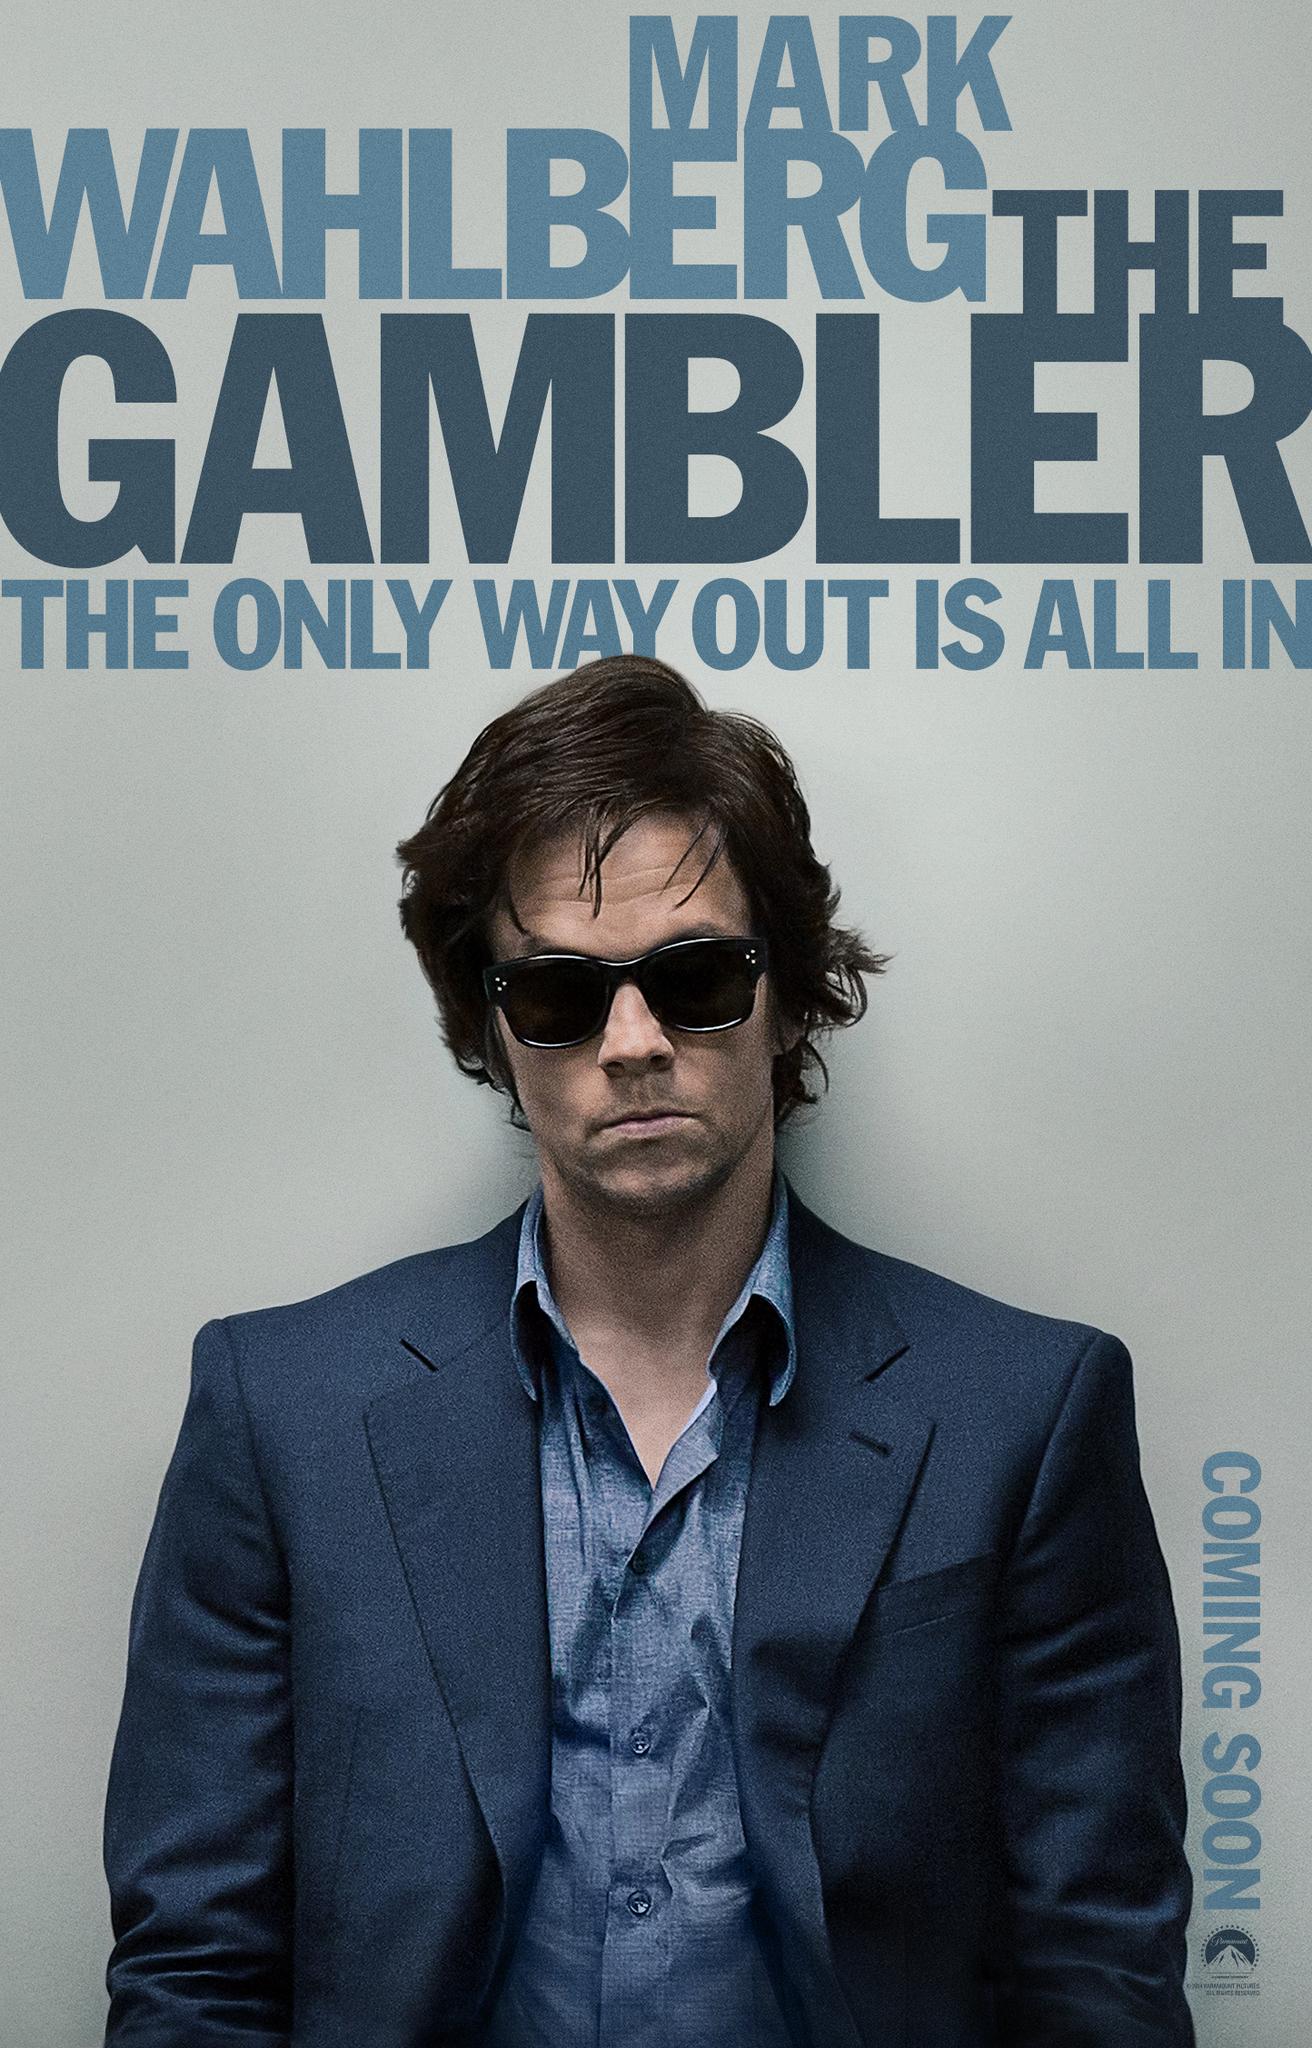 The Gambler 2014 Imdb